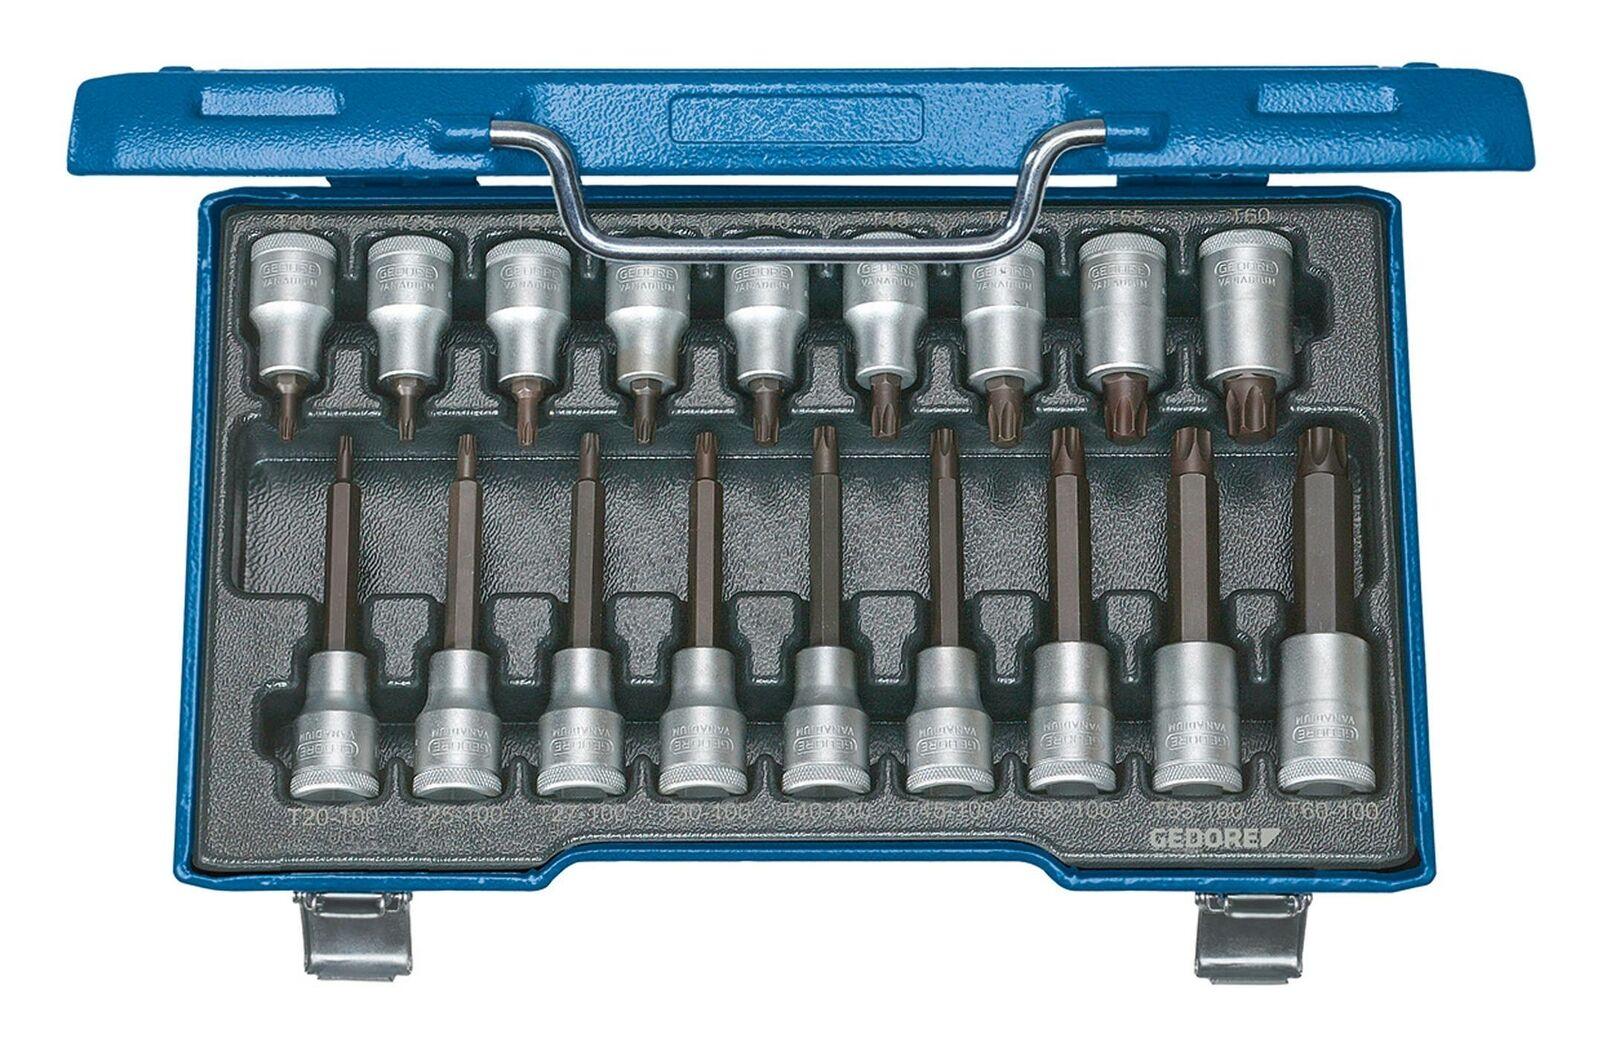 Gedore Schraubendreher Einsatz Garnitur 1 2  18tlg. T20 - T60 - 6138510